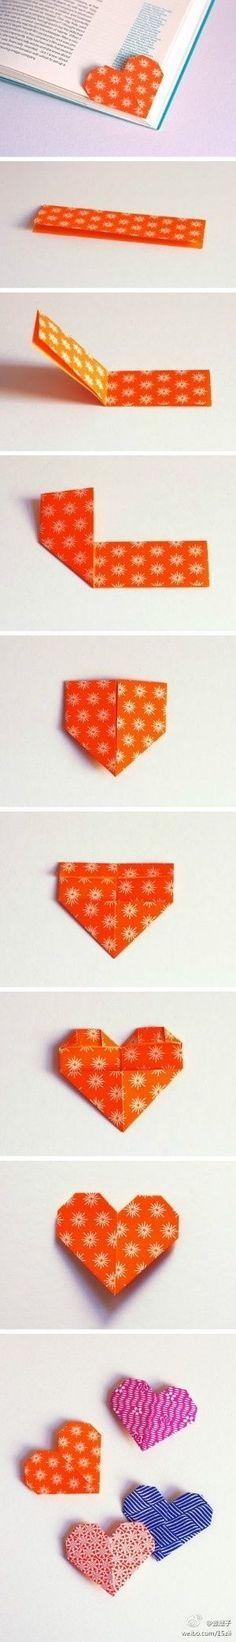 Separador heart